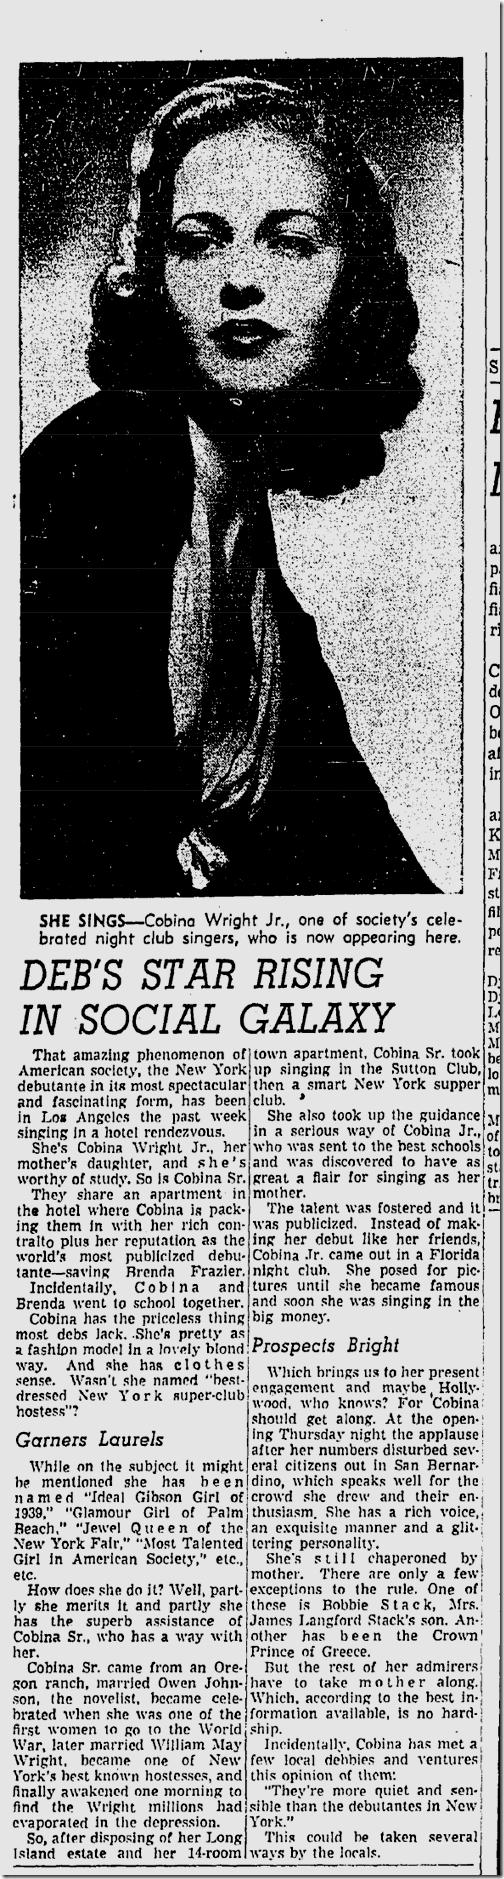 Oct. 8, 1939, Cobina Wright Jr.